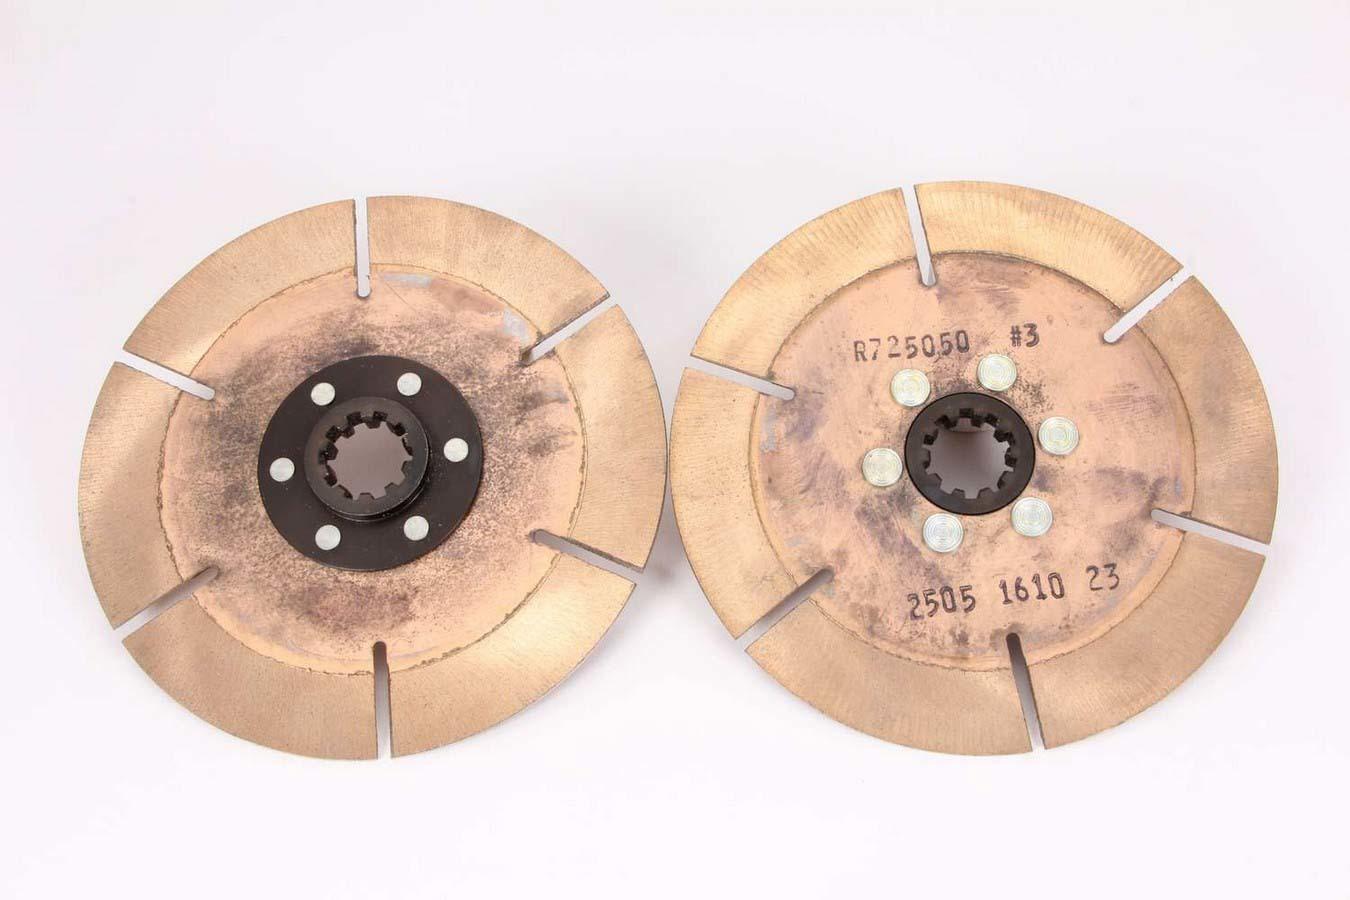 Ace Racing Clutches Clutch Pack 7.25in 2 Disc 10 Spline